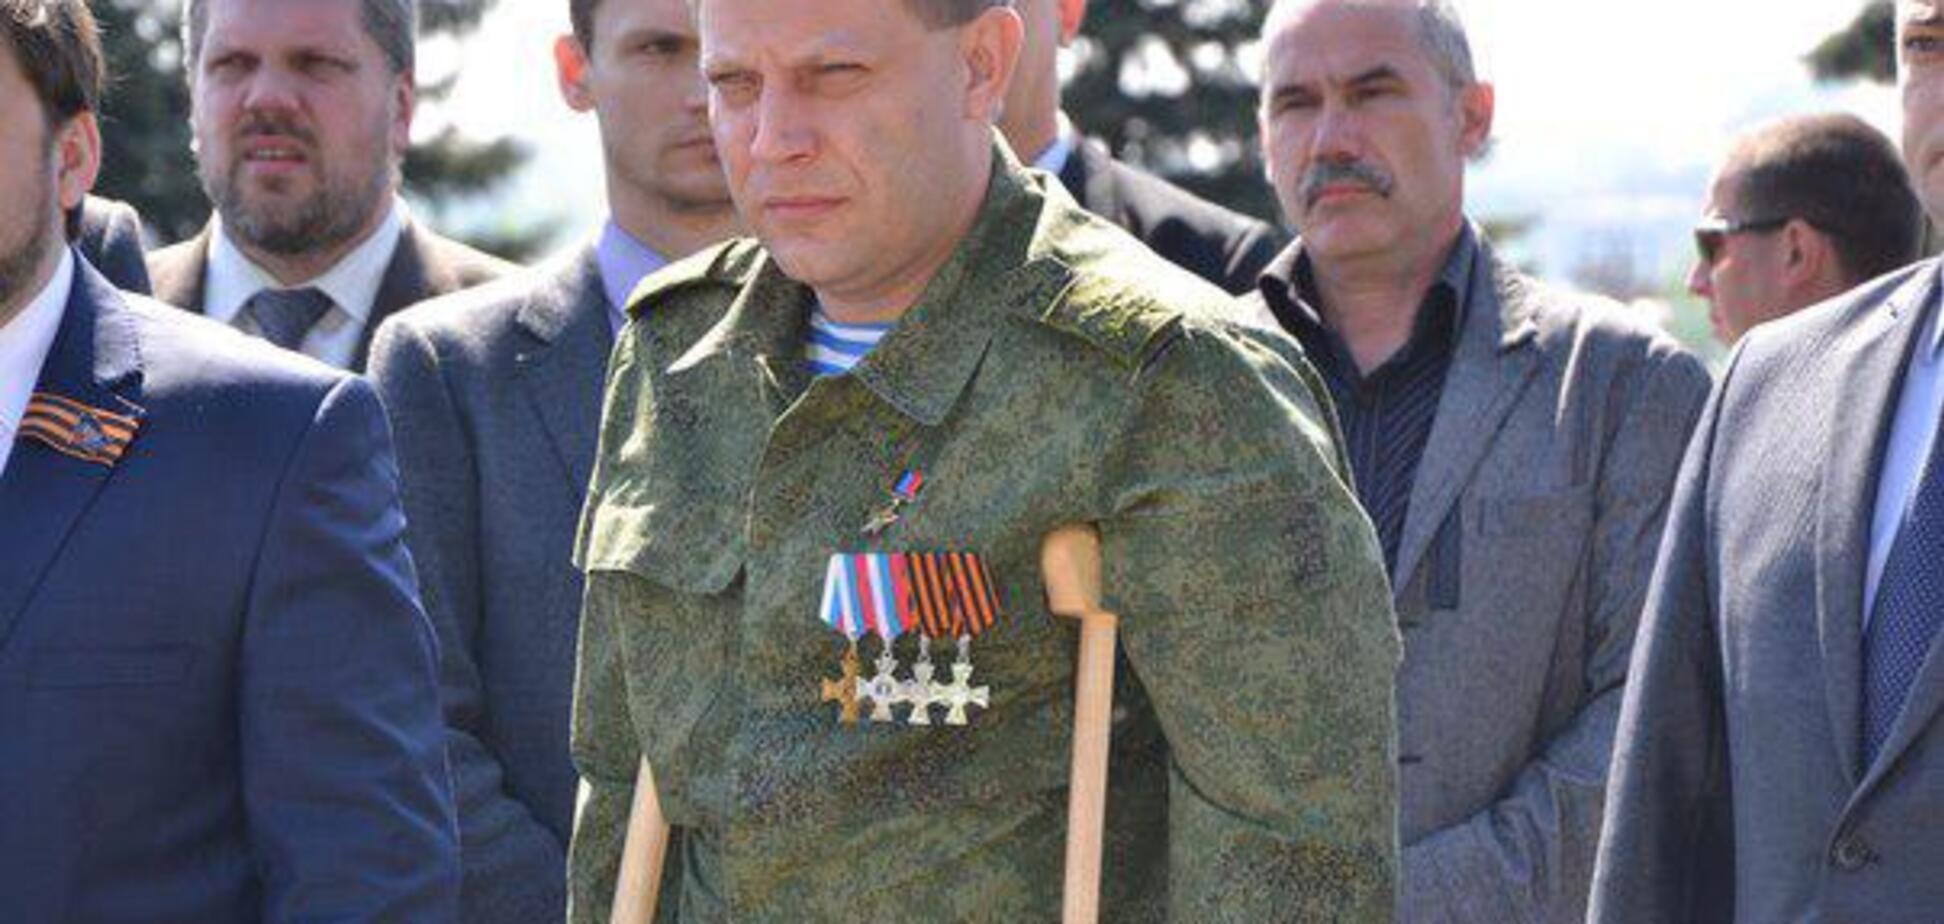 Захарченка поранили: ЗМІ дізналися, що приховують у 'ДНР'